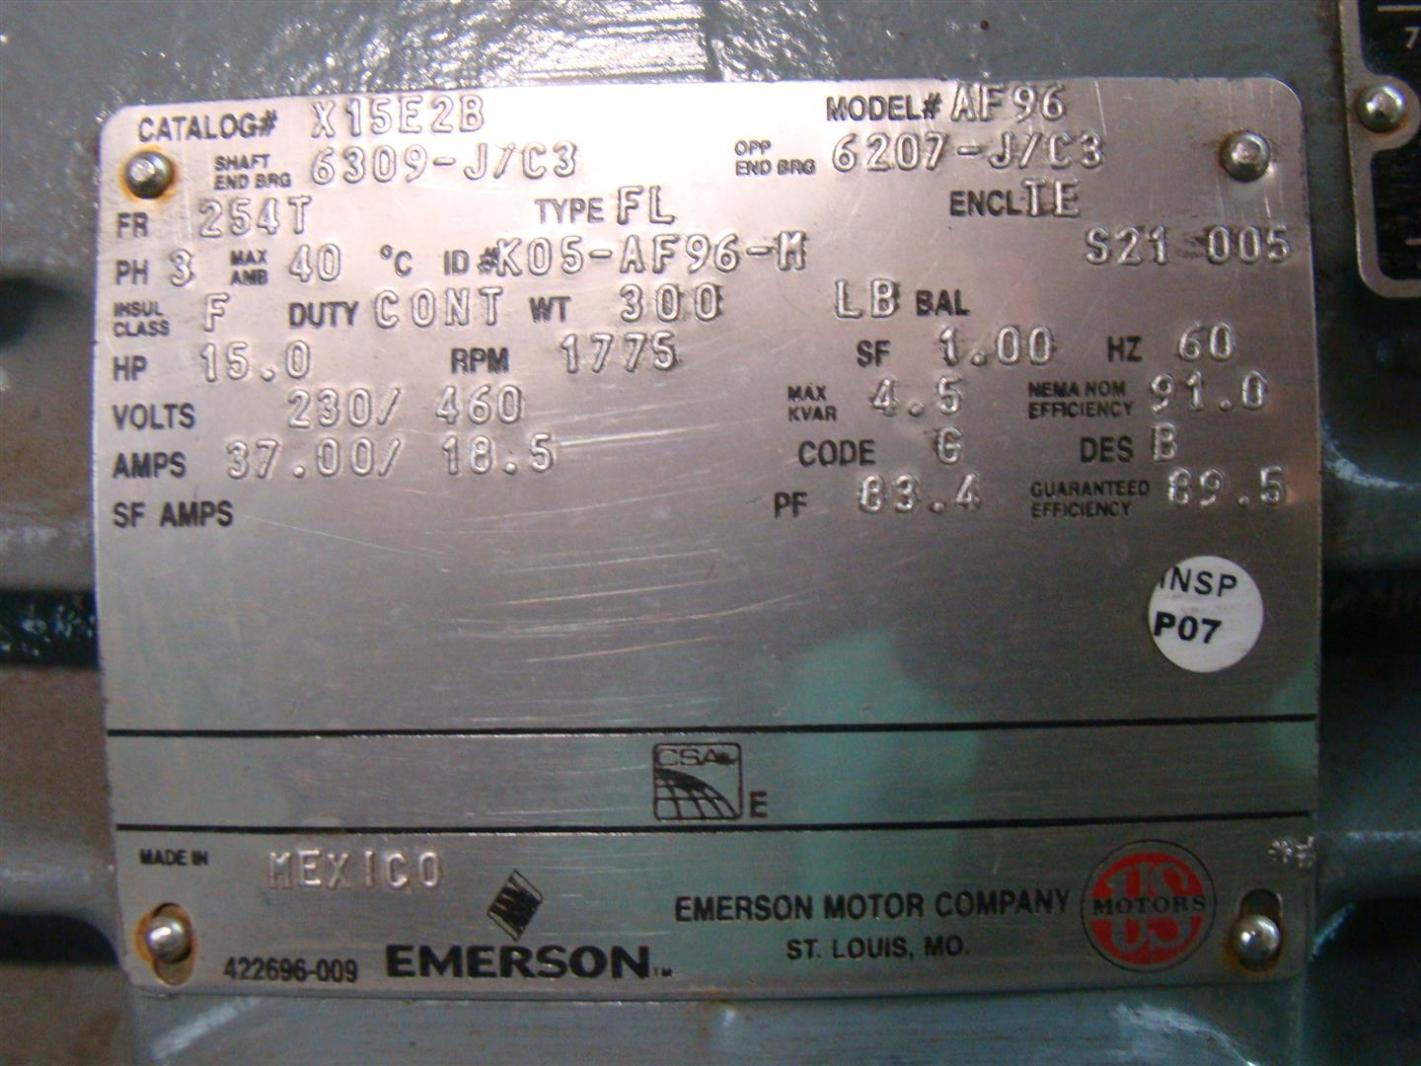 Us motors emerson electric motor 15hp 230460v 3 1775rpm af96 us motors emerson electric motor 15hp 230460v 3 1775rpm af96 publicscrutiny Images